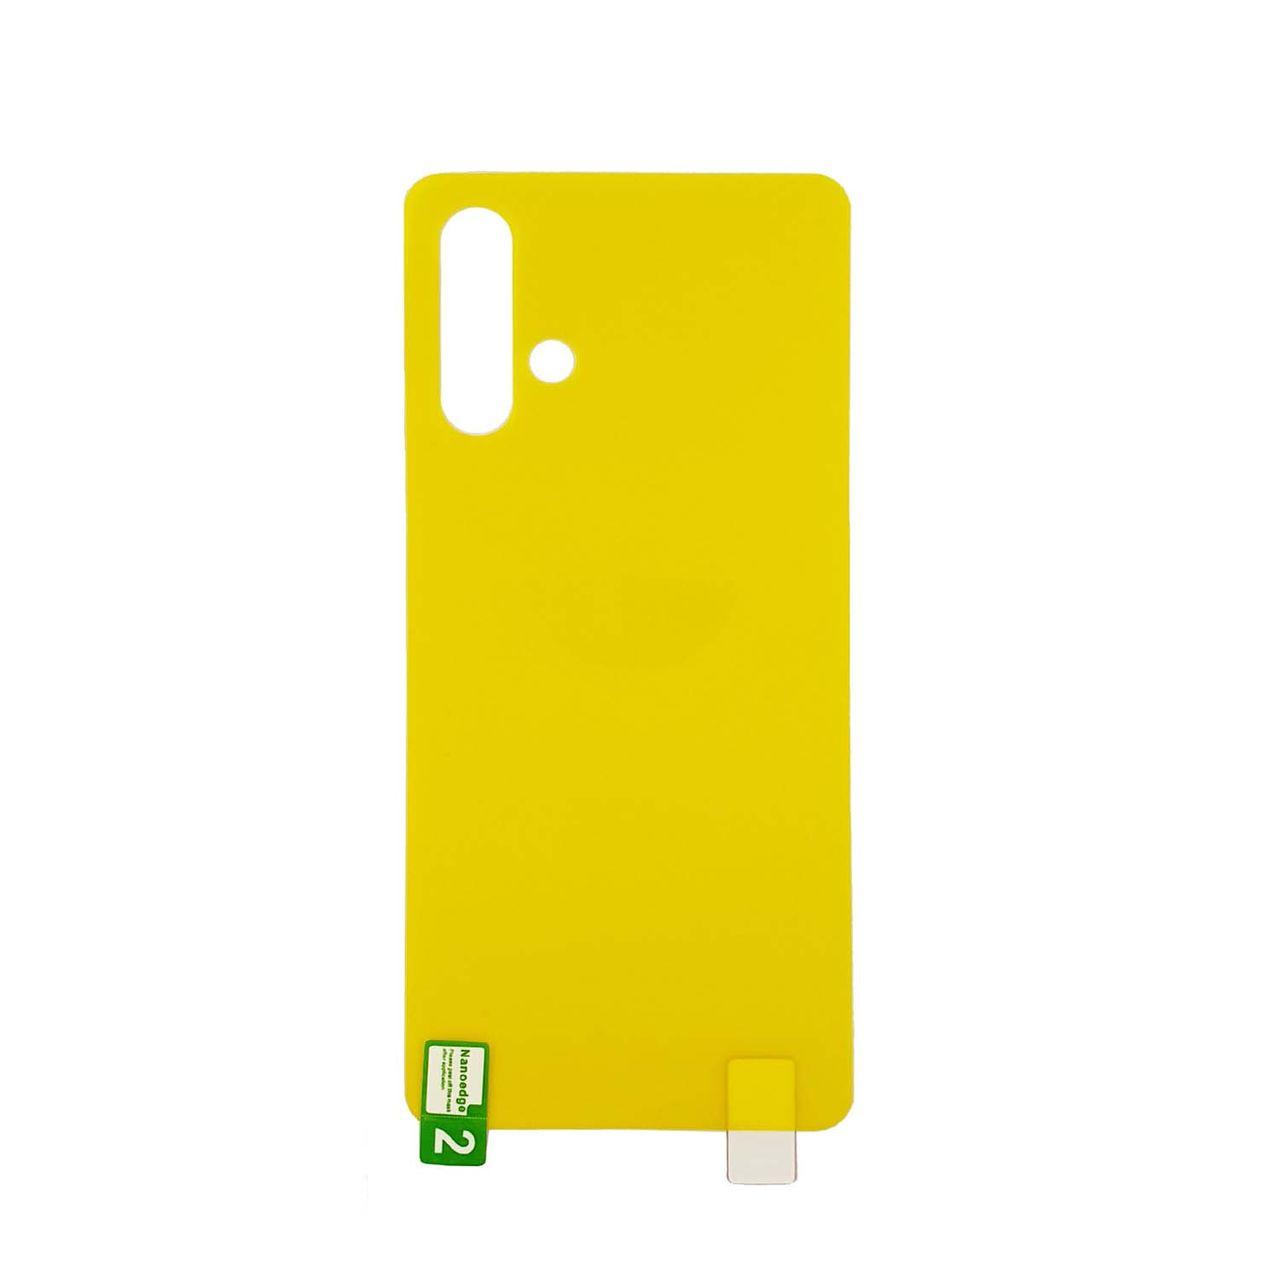 محافظ پشت گوشی مدل BP01to مناسب برای گوشی موبایل سامسونگ Galaxy A32